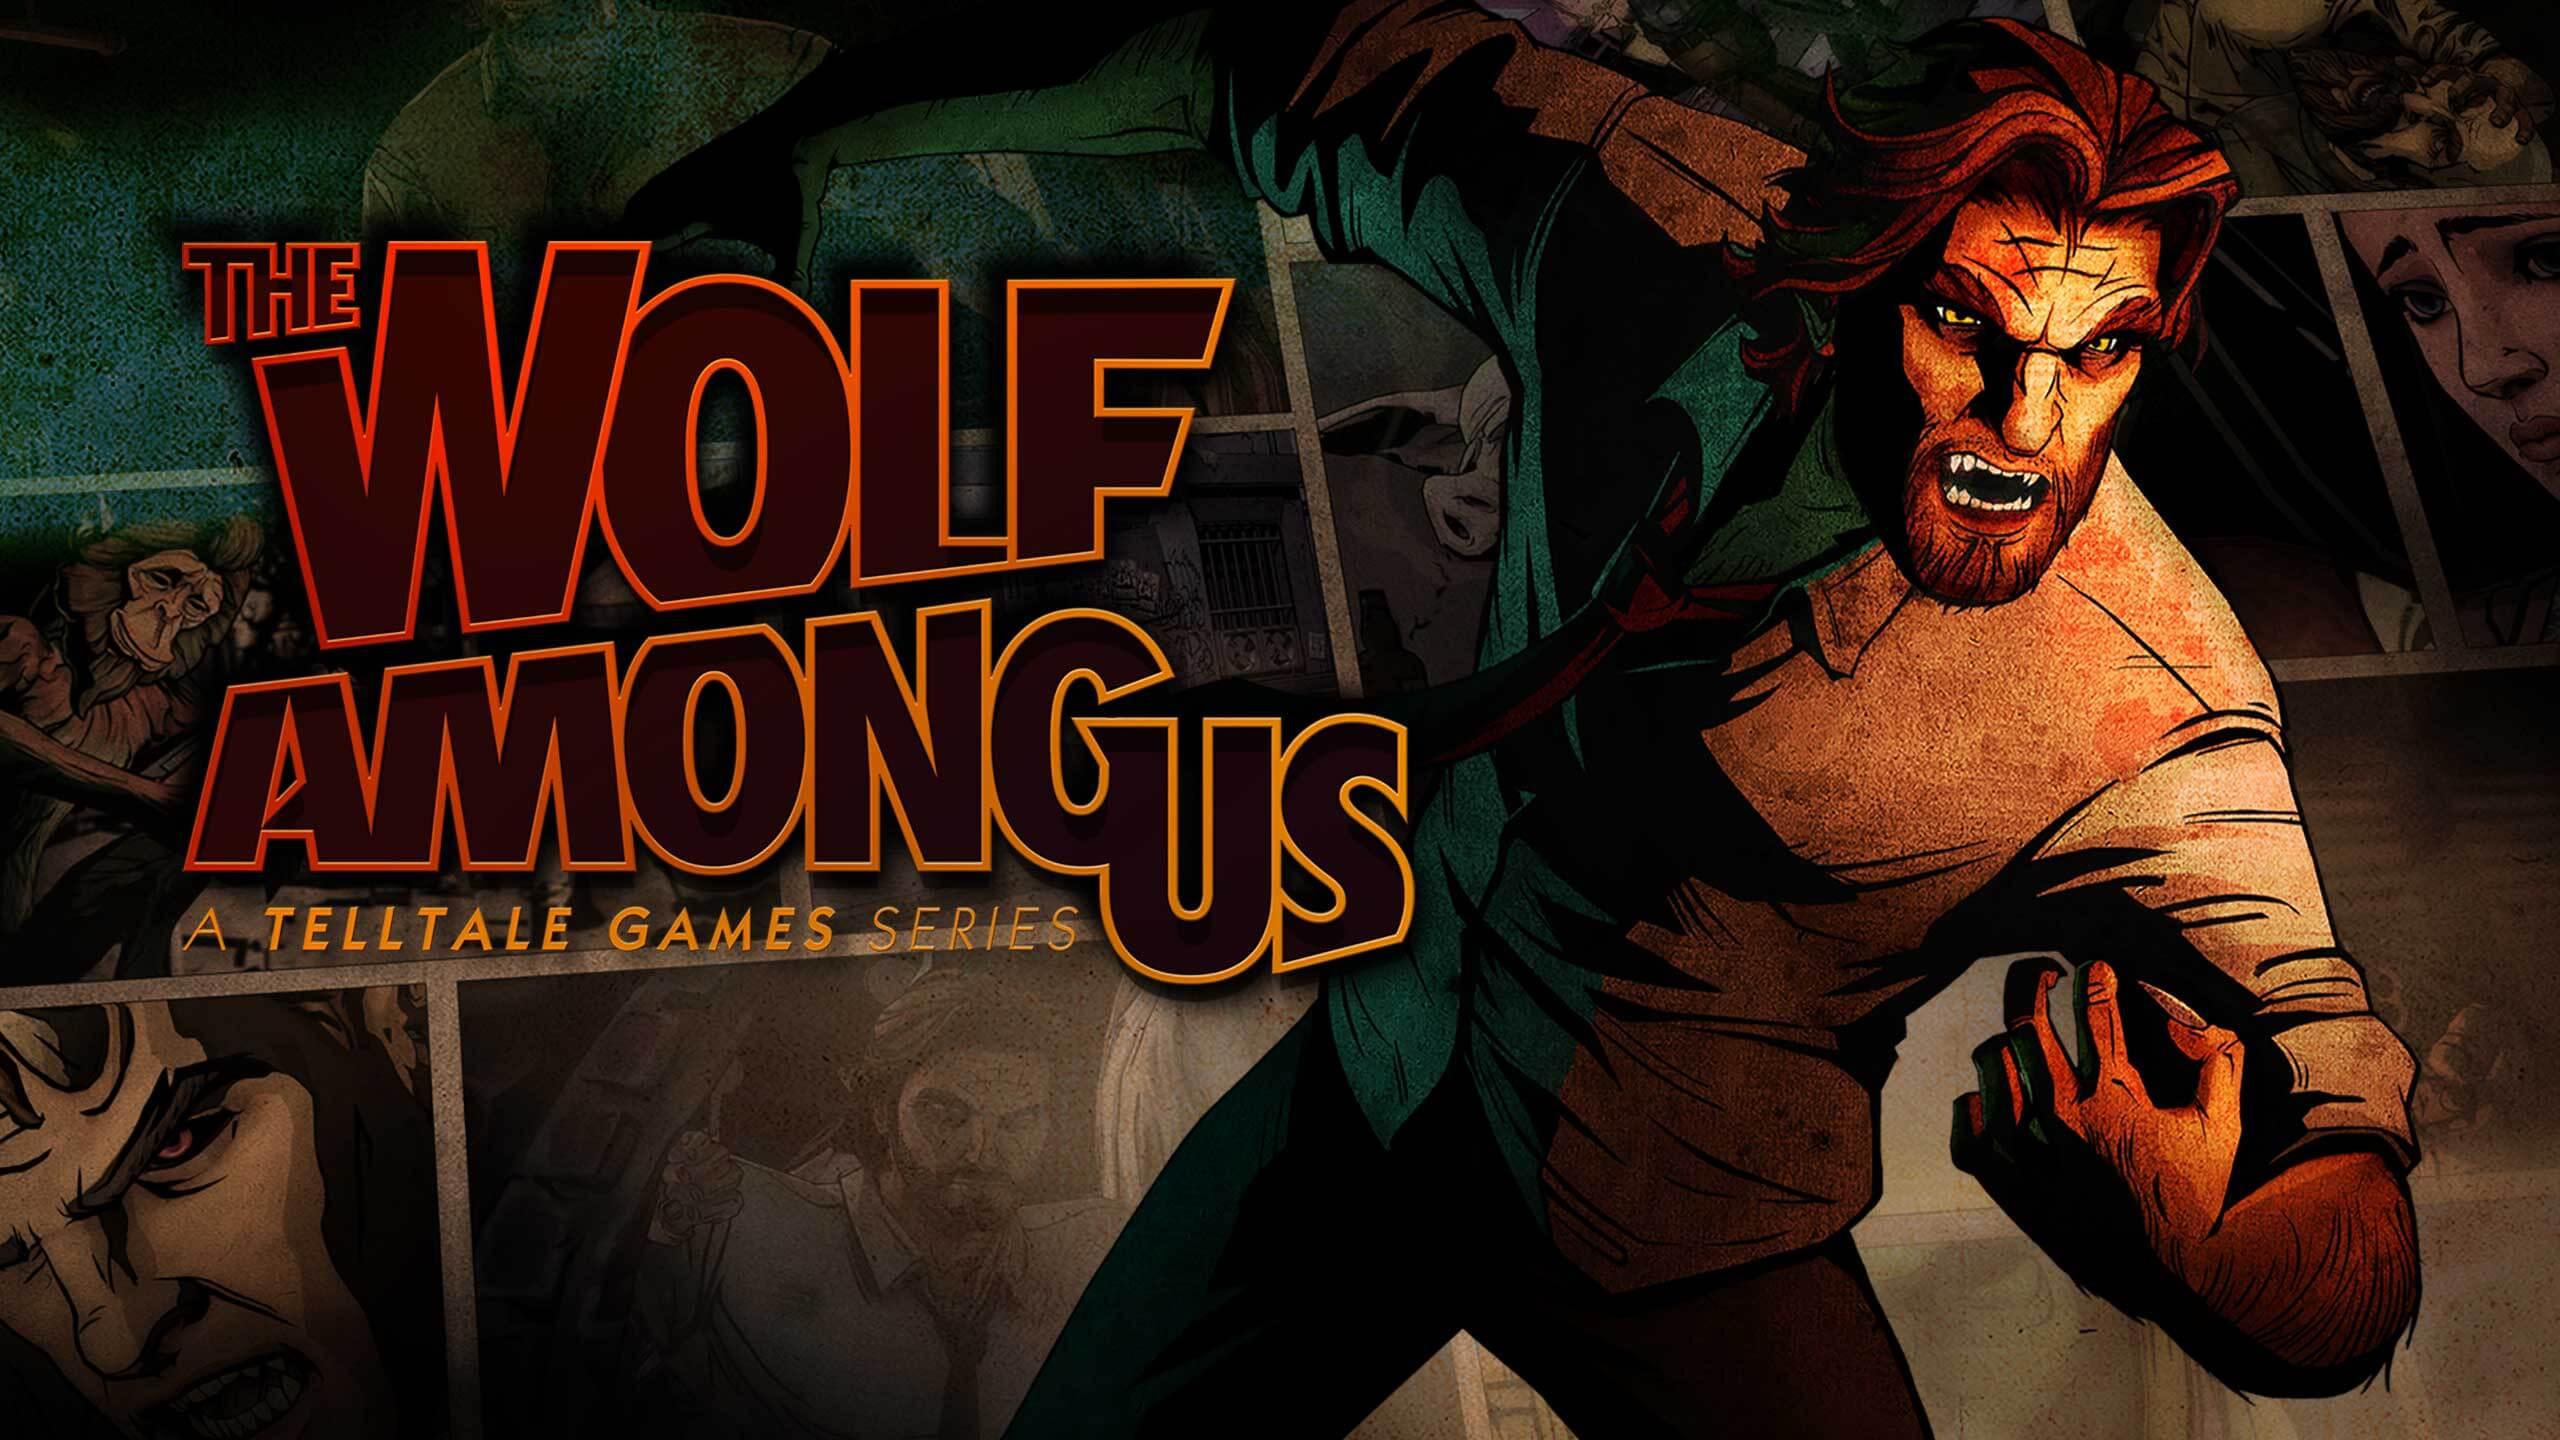 Epic Game Store Bagikan The Wolf Among Us Gratis Dalam Waktu Terbatas -  Gamebrott.com